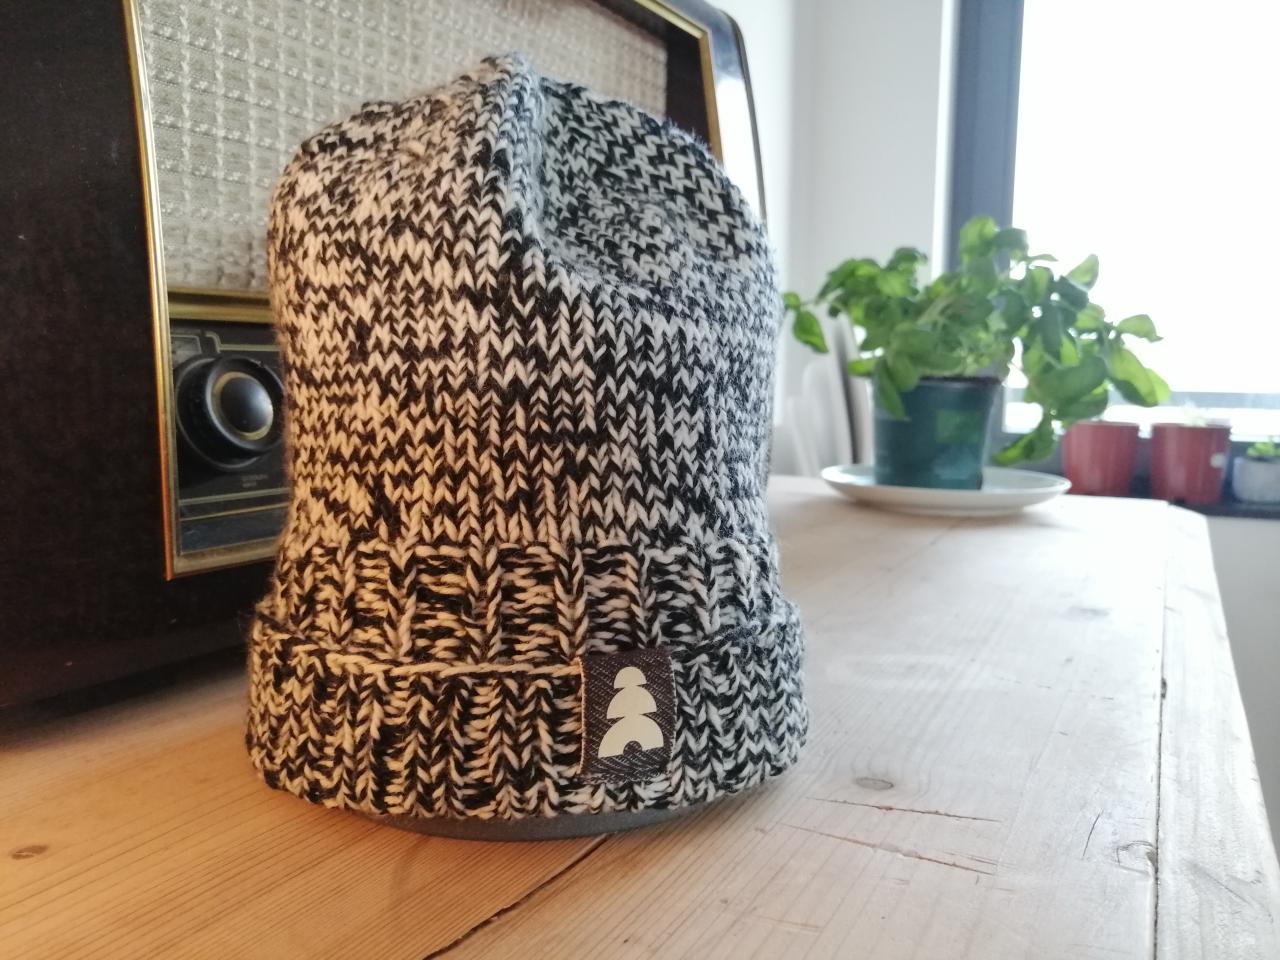 beanie merinowolle, schwarz-weiß - 9t3